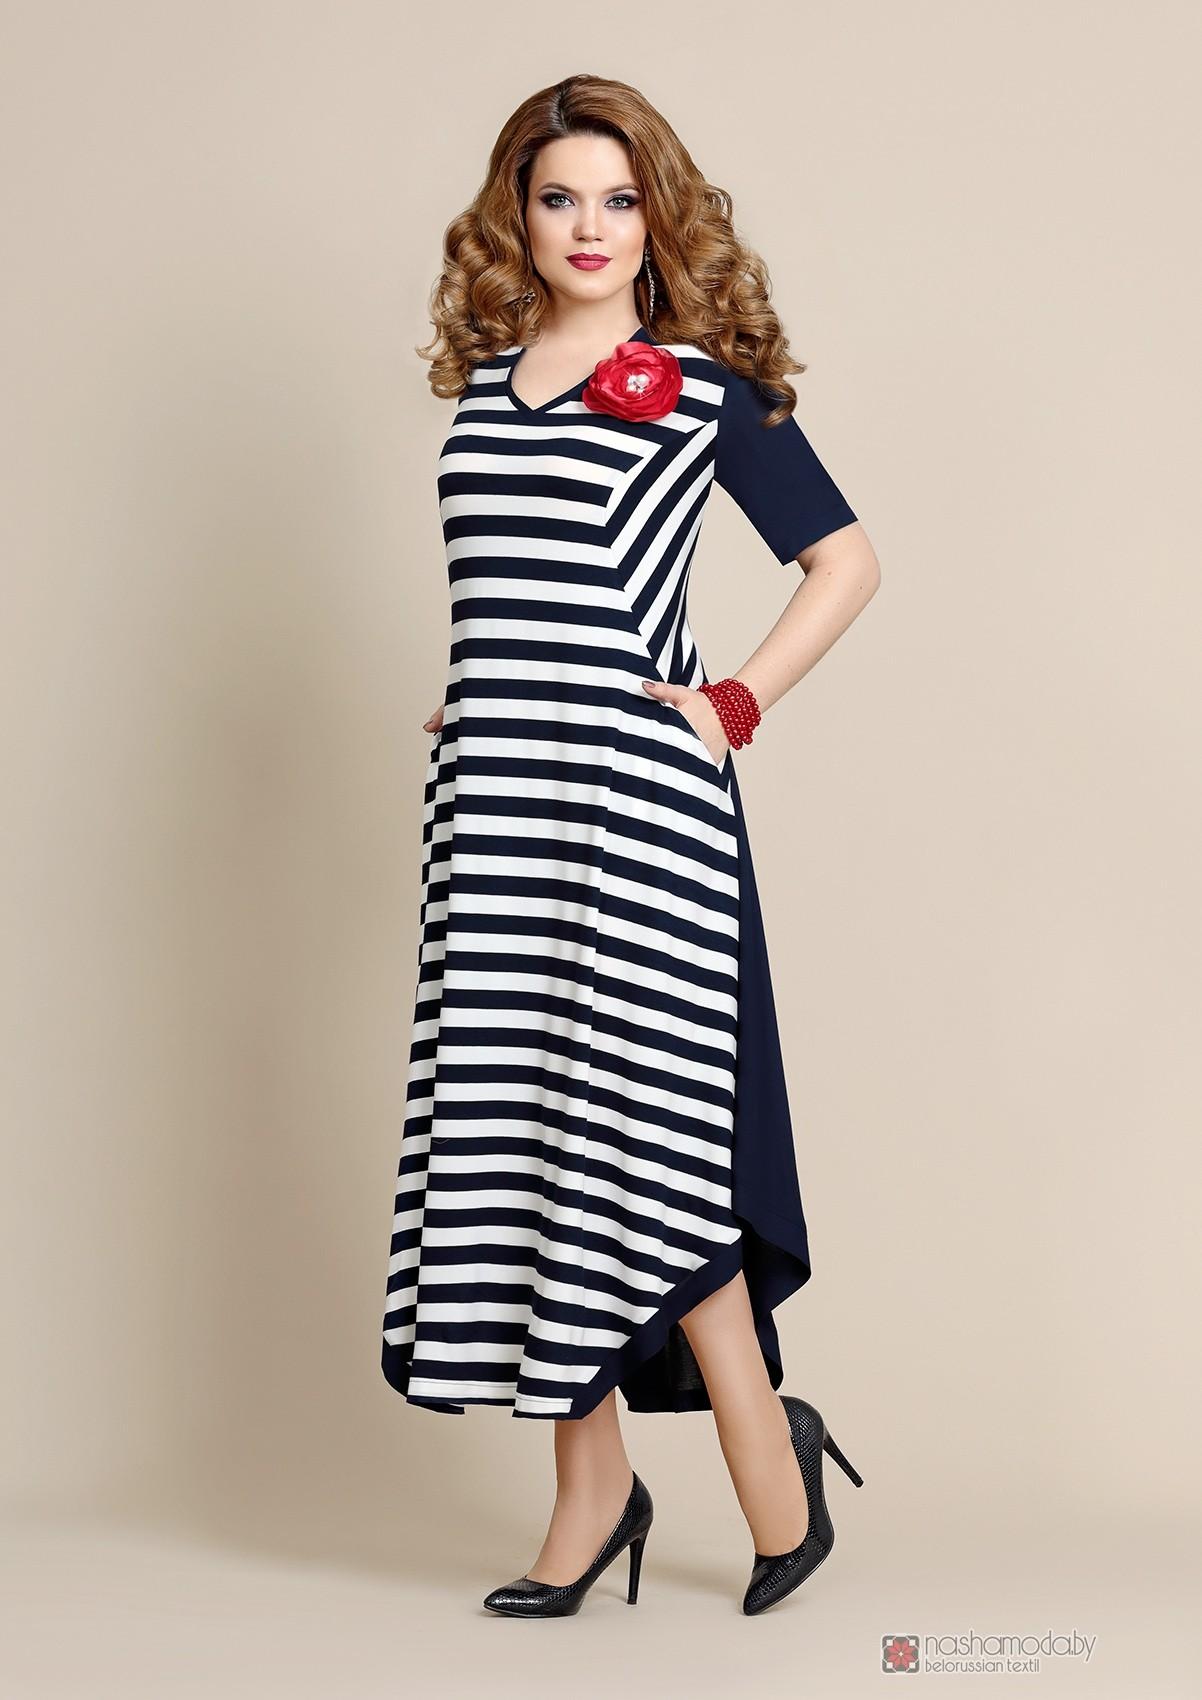 Купить платье в интернет магазине недорого